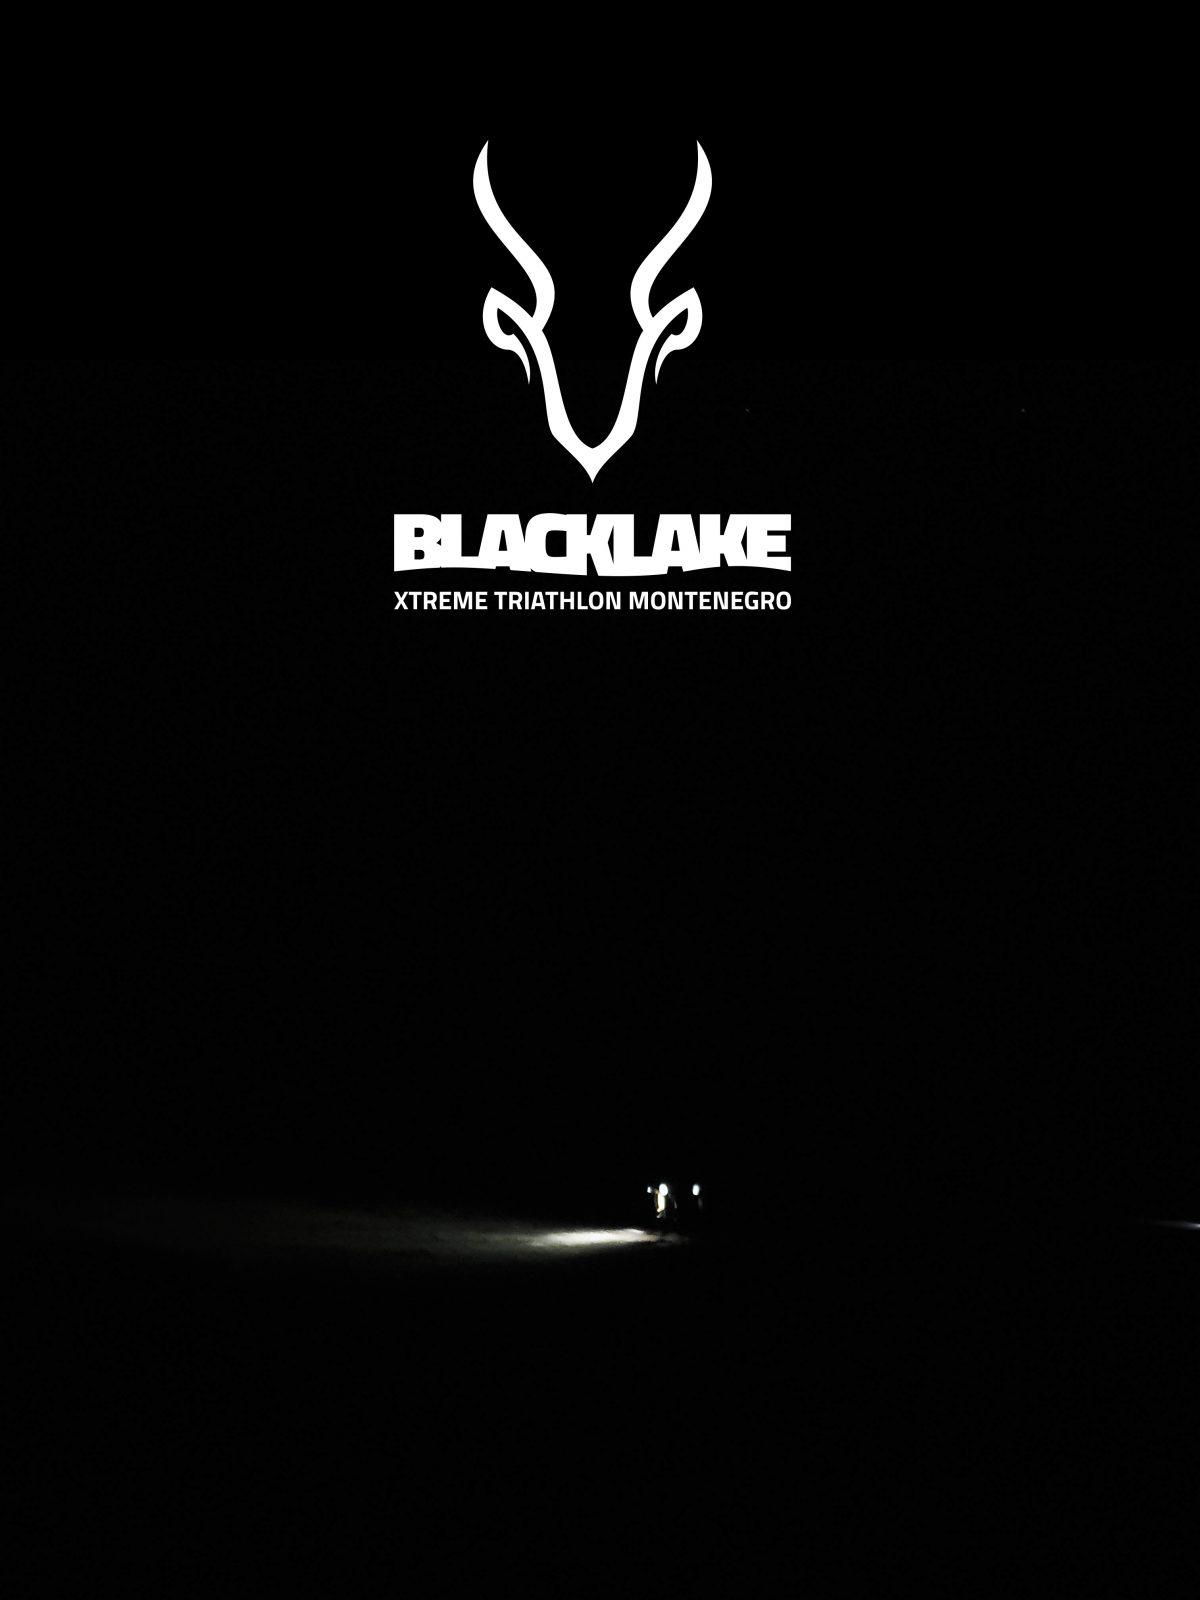 BlackLake Xtreme Triathlon in the Durmitor Mountains